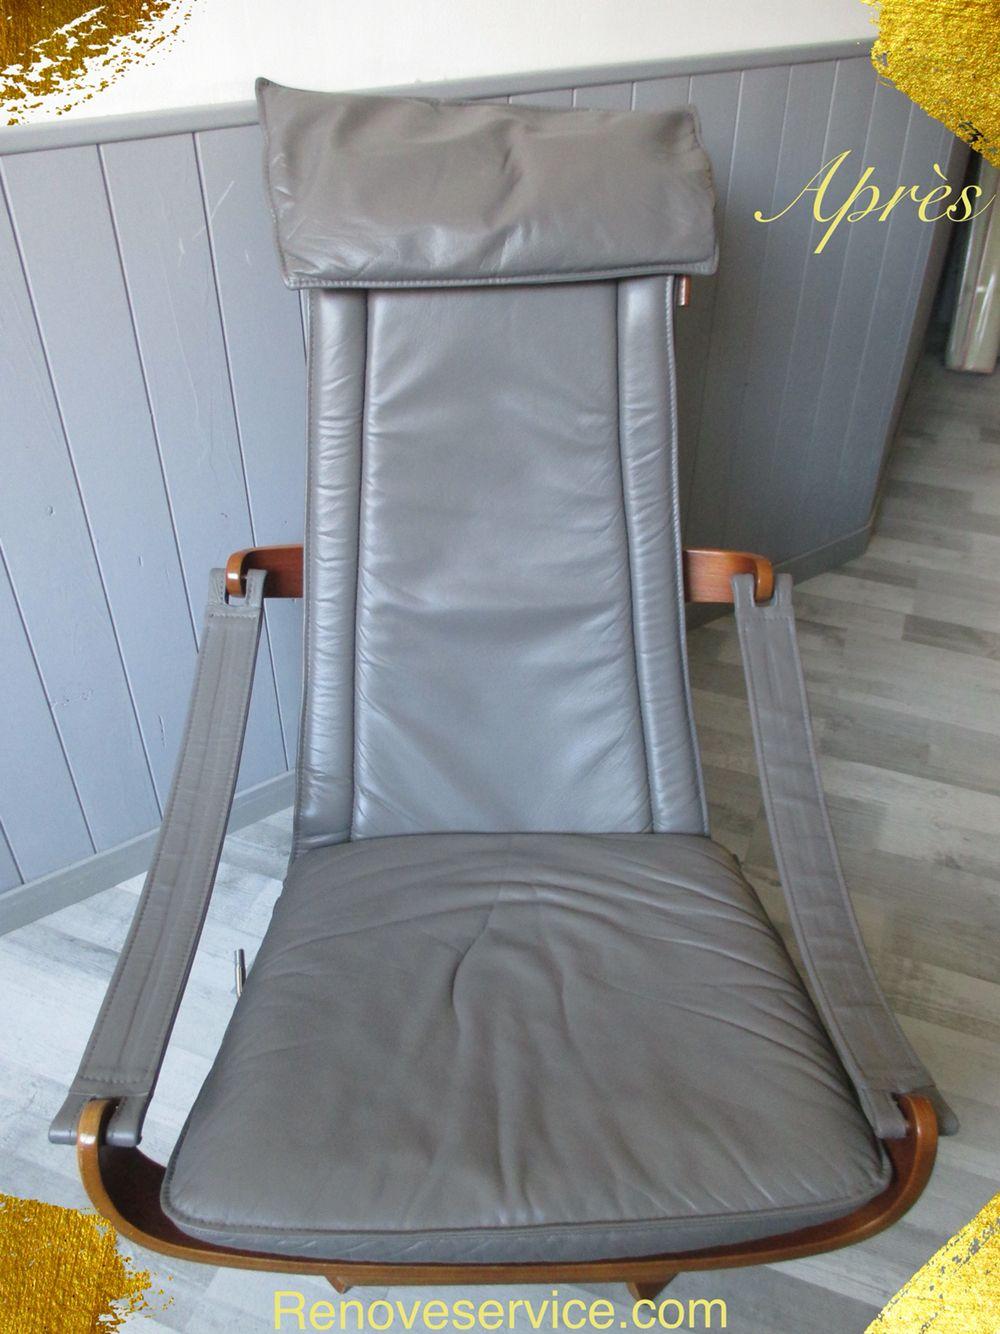 Nettoyer Fauteuil En Cuir vaucluse nettoyage fauteuil cuir - vaucluse repigmentation